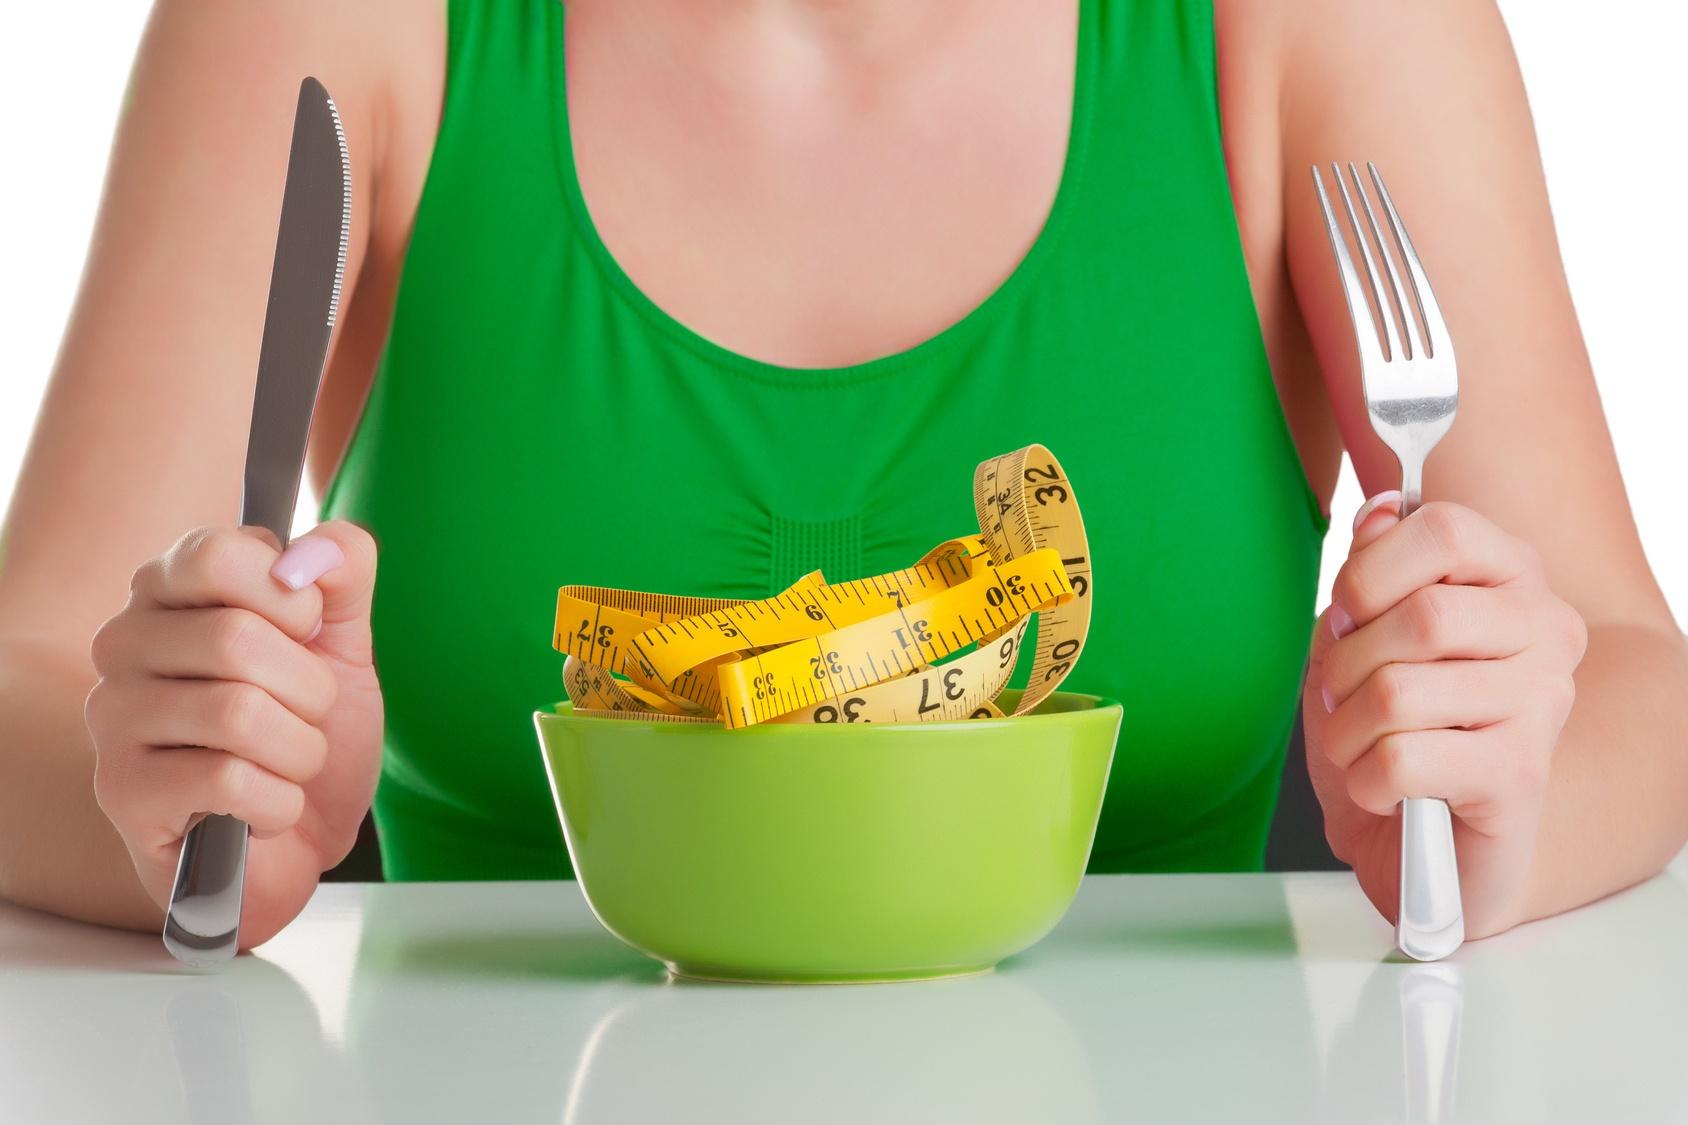 hogy lehet belső combról fogyni szeretne fogyni 6 hét alatt